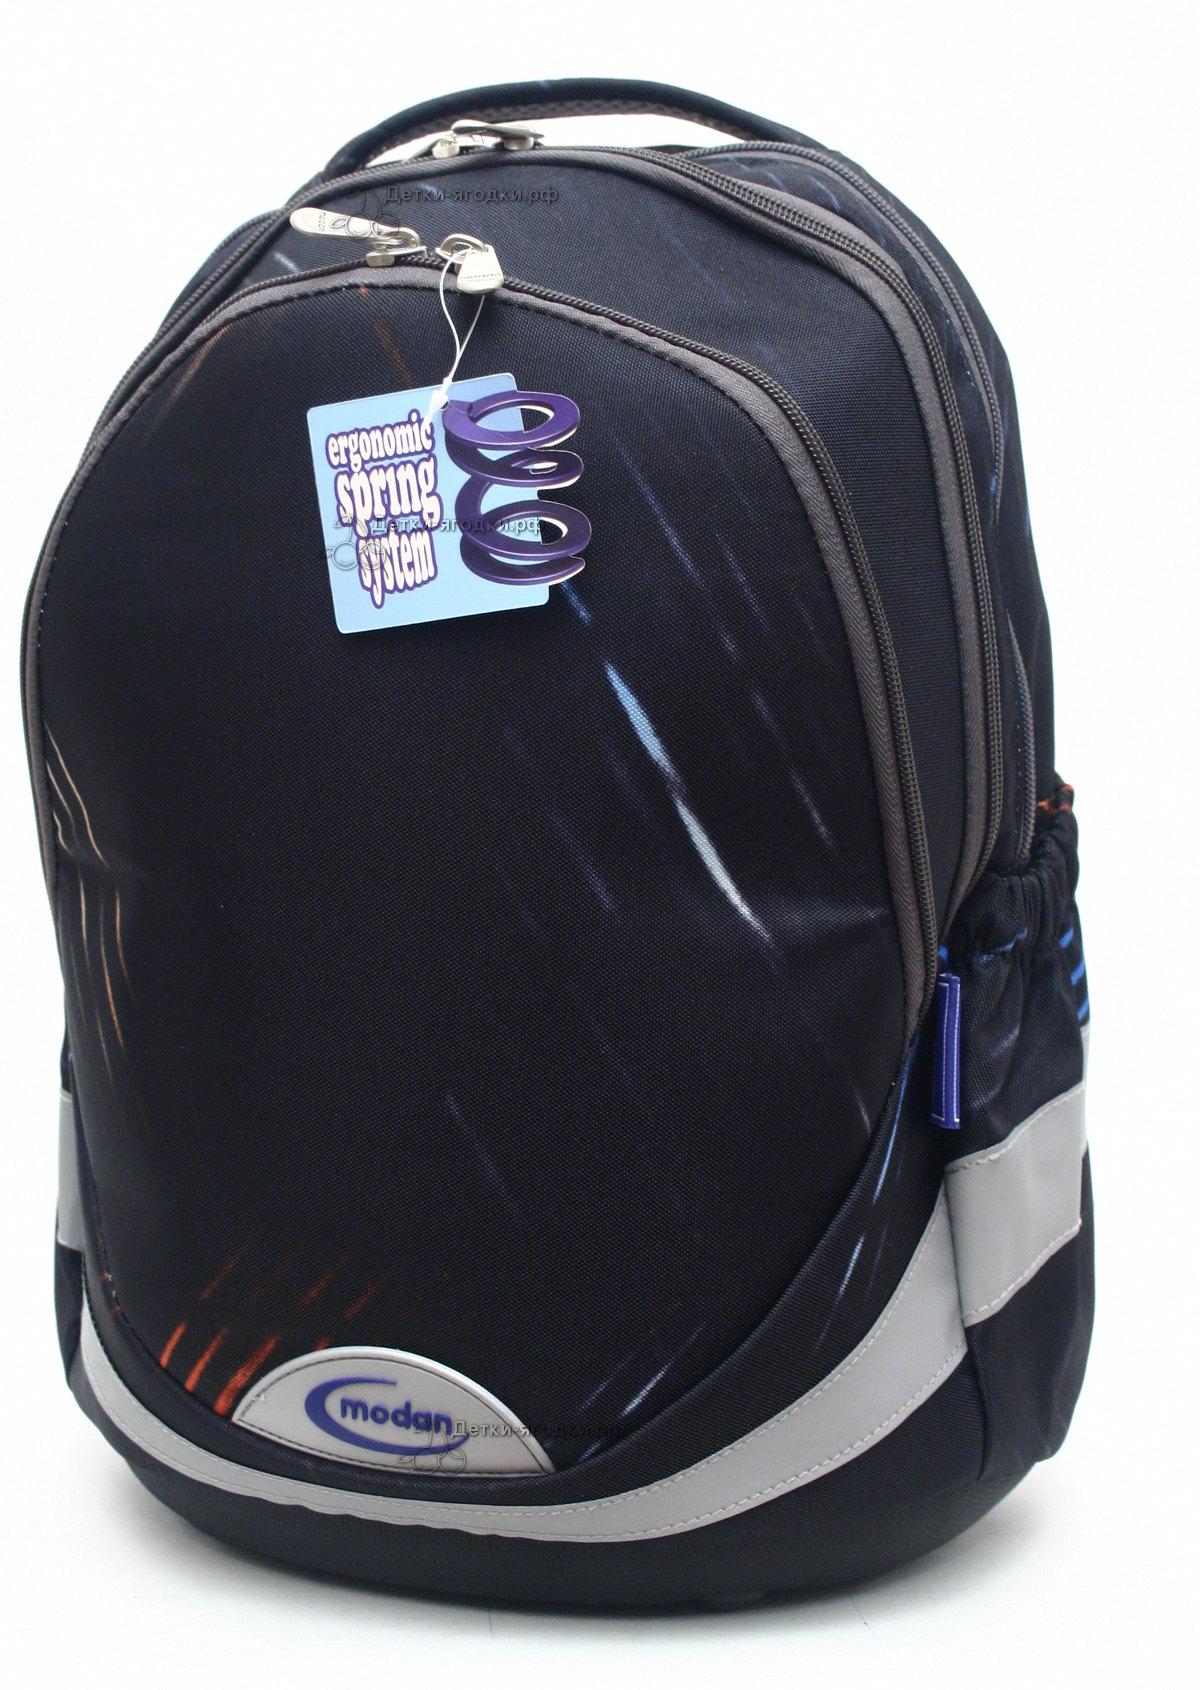 Школьный рюкзак - ранец Modan Generic II, - фото 1